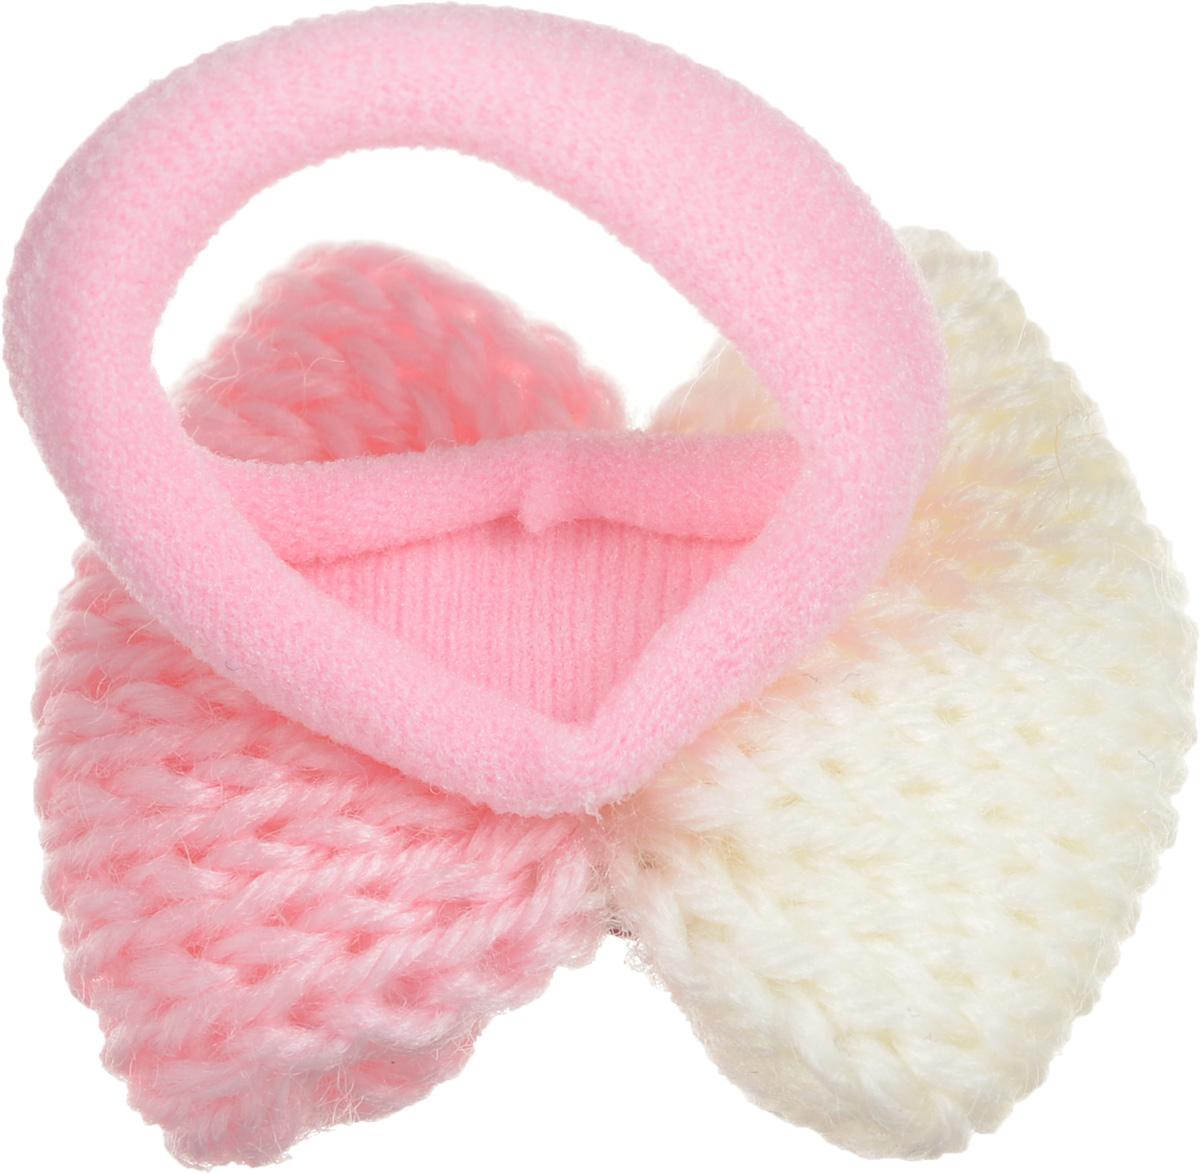 Baby's Joy Резинка для волос Бантик цвет розовый белый 2 шт AL 972